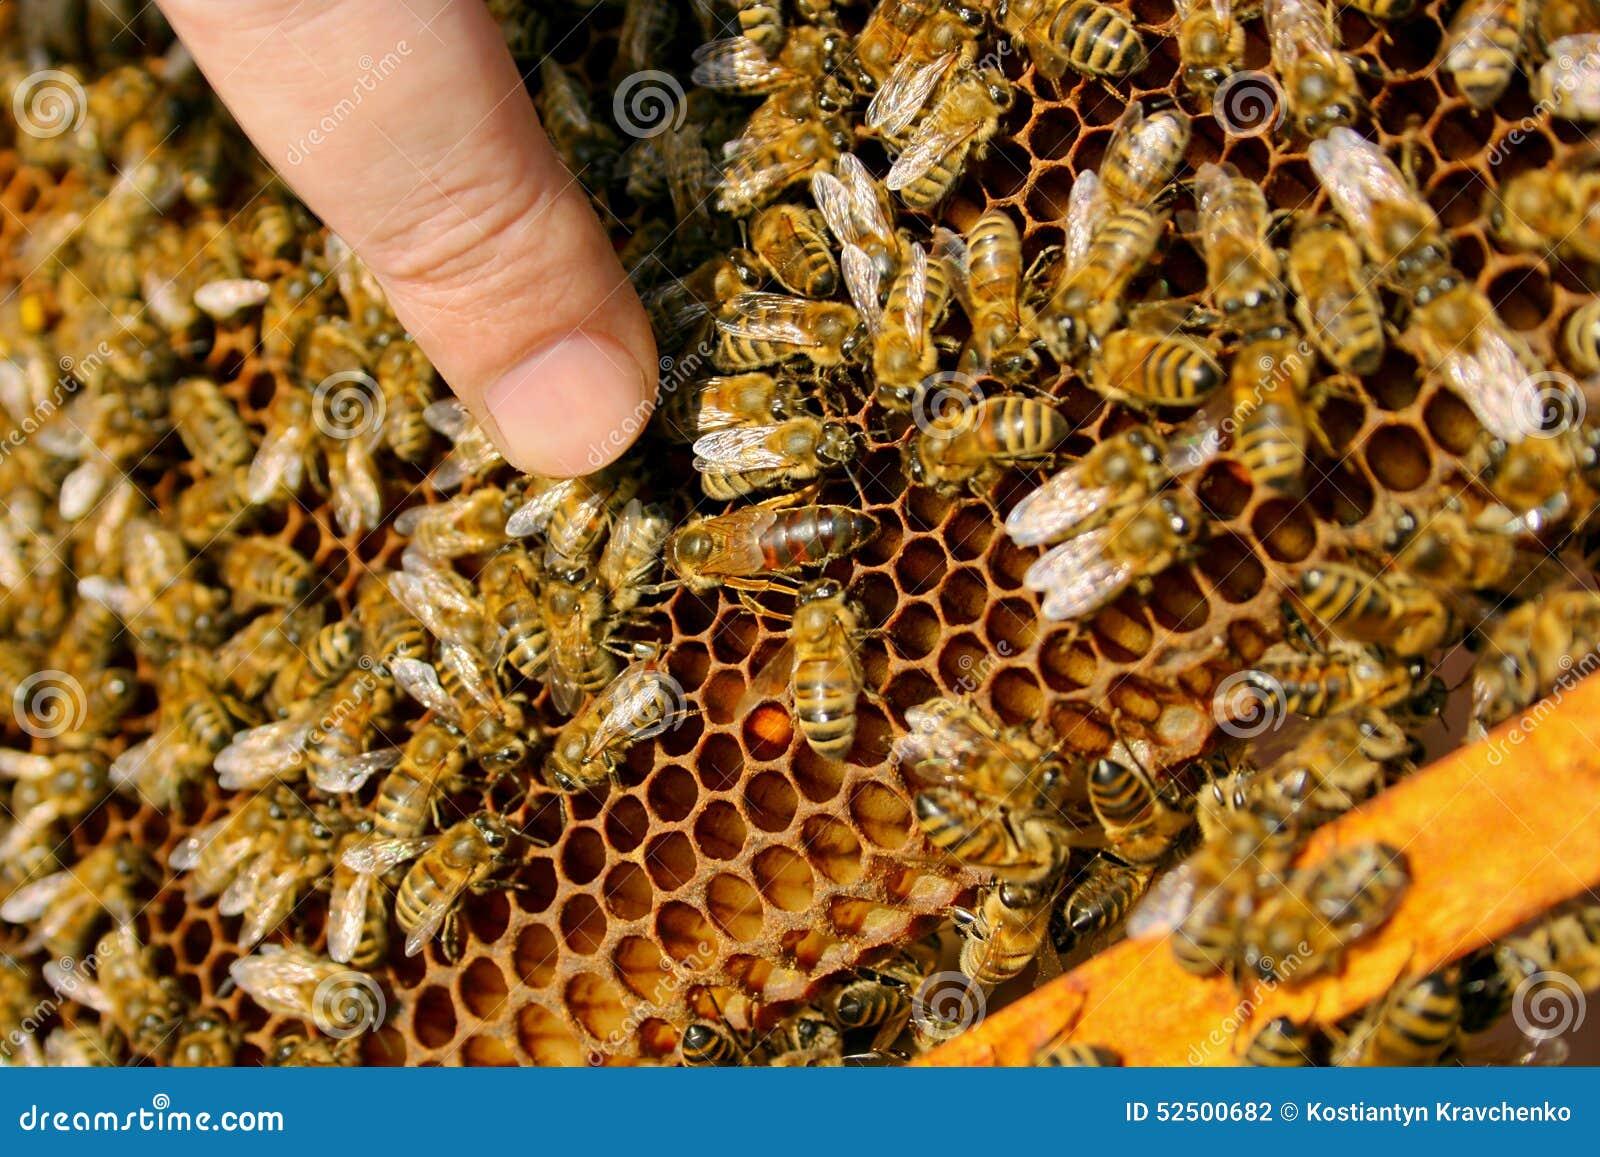 abeilles  u00e0 l u0026 39 int u00e9rieur d u0026 39 une ruche avec la reine des abeilles au milieu photo stock